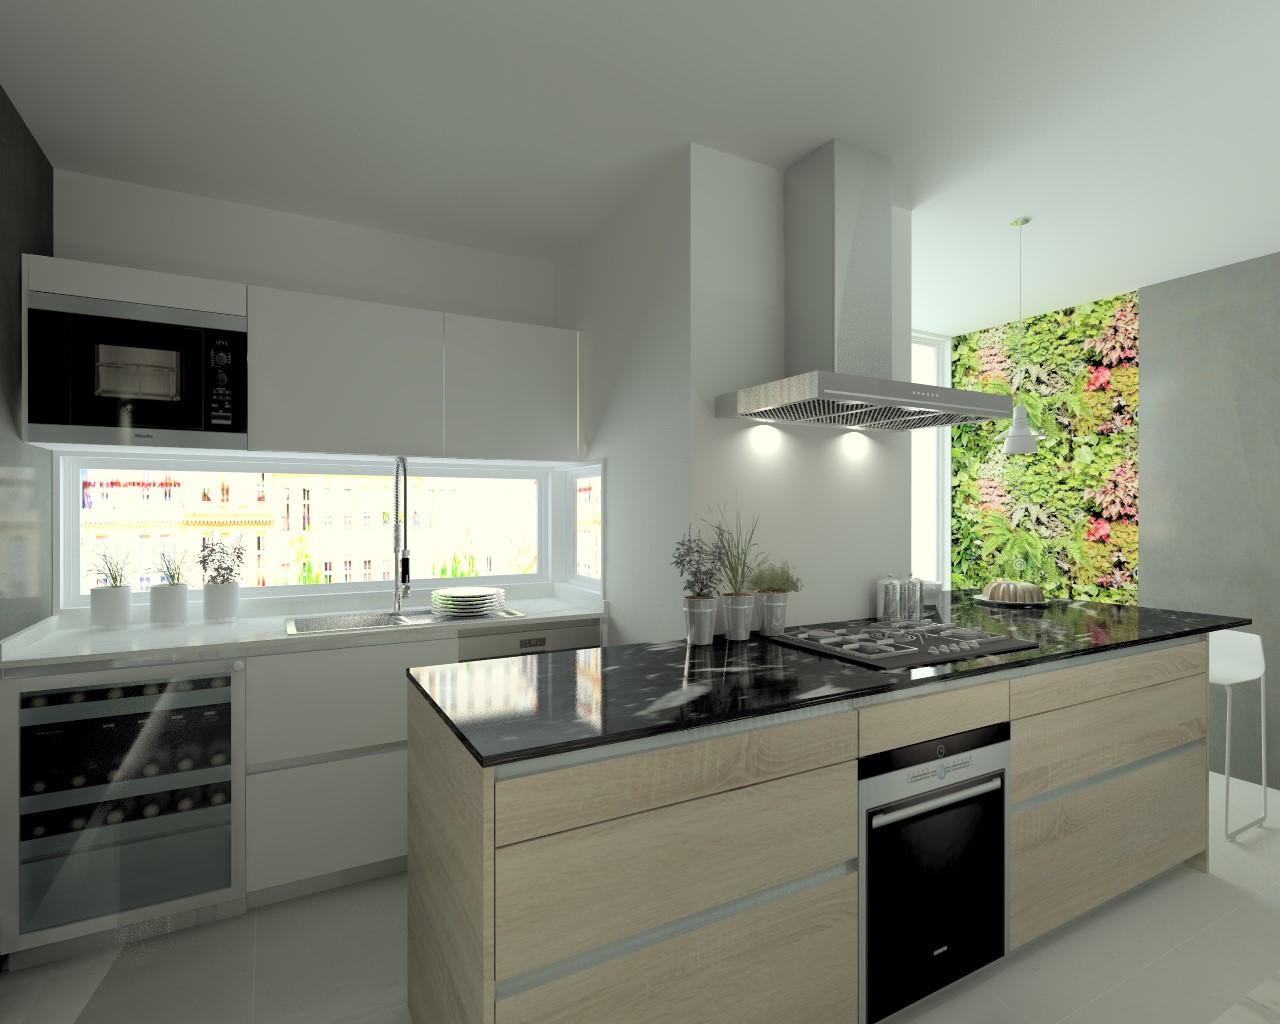 cocina santos modelo line laminado seda blanco encimera mrmol carrara y granito titanium - Encimera Marmol